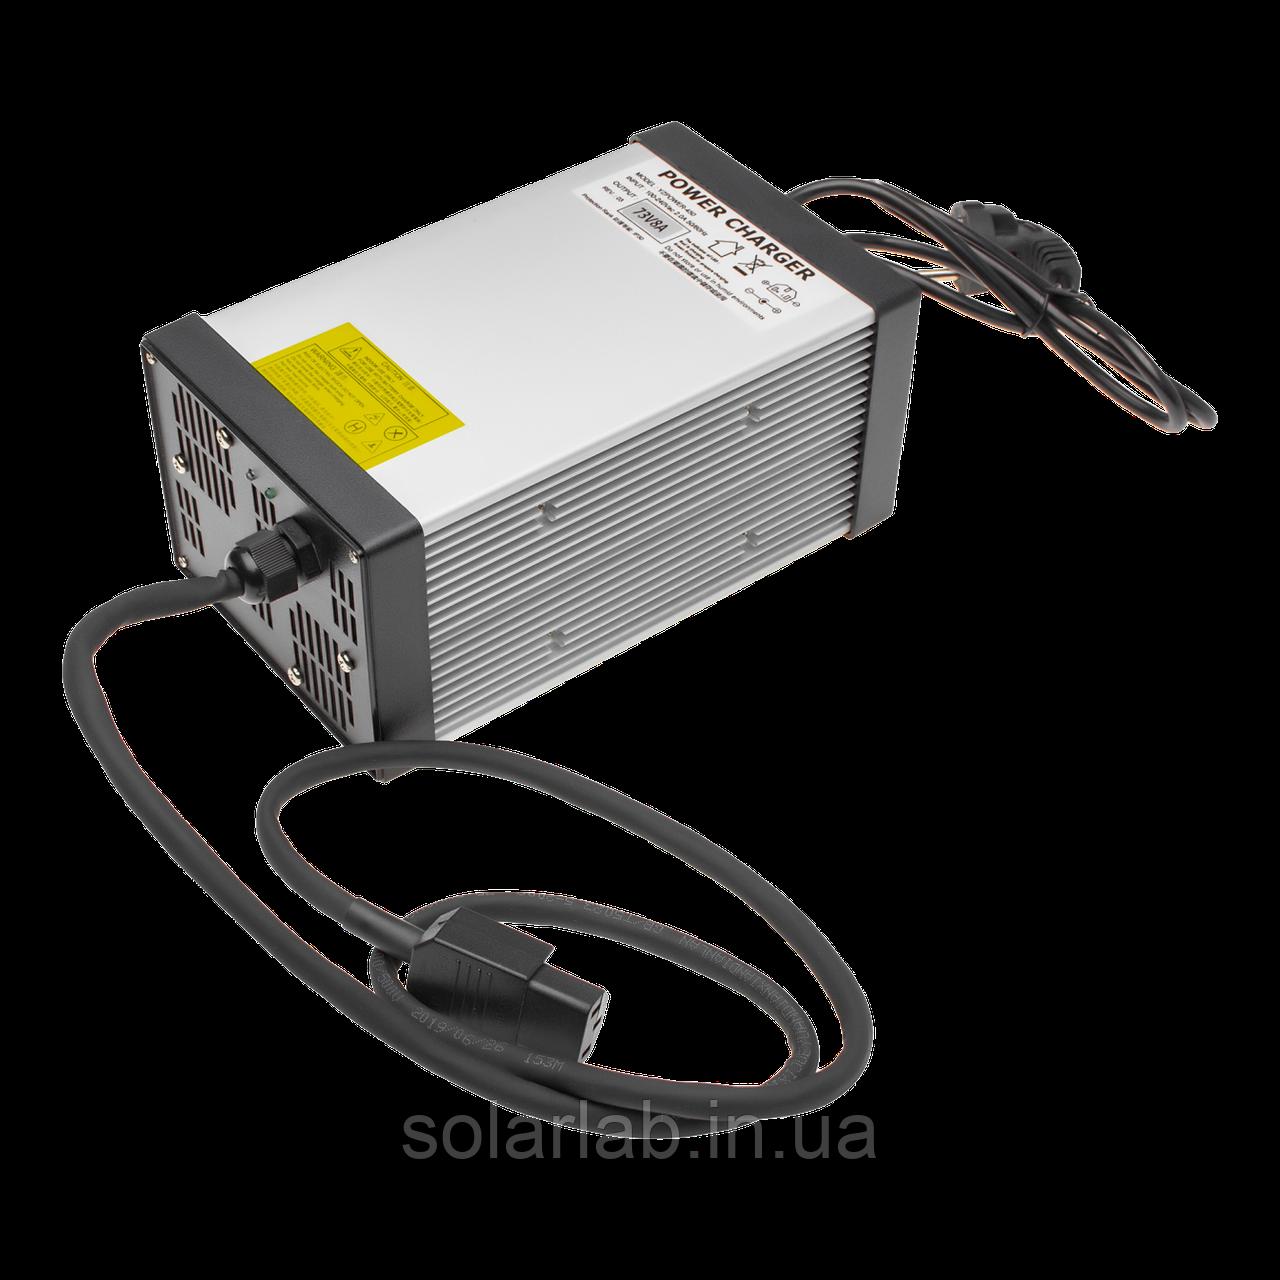 Зарядний пристрій для акумулятора LiFePO4 60V(73V)-8A-480W